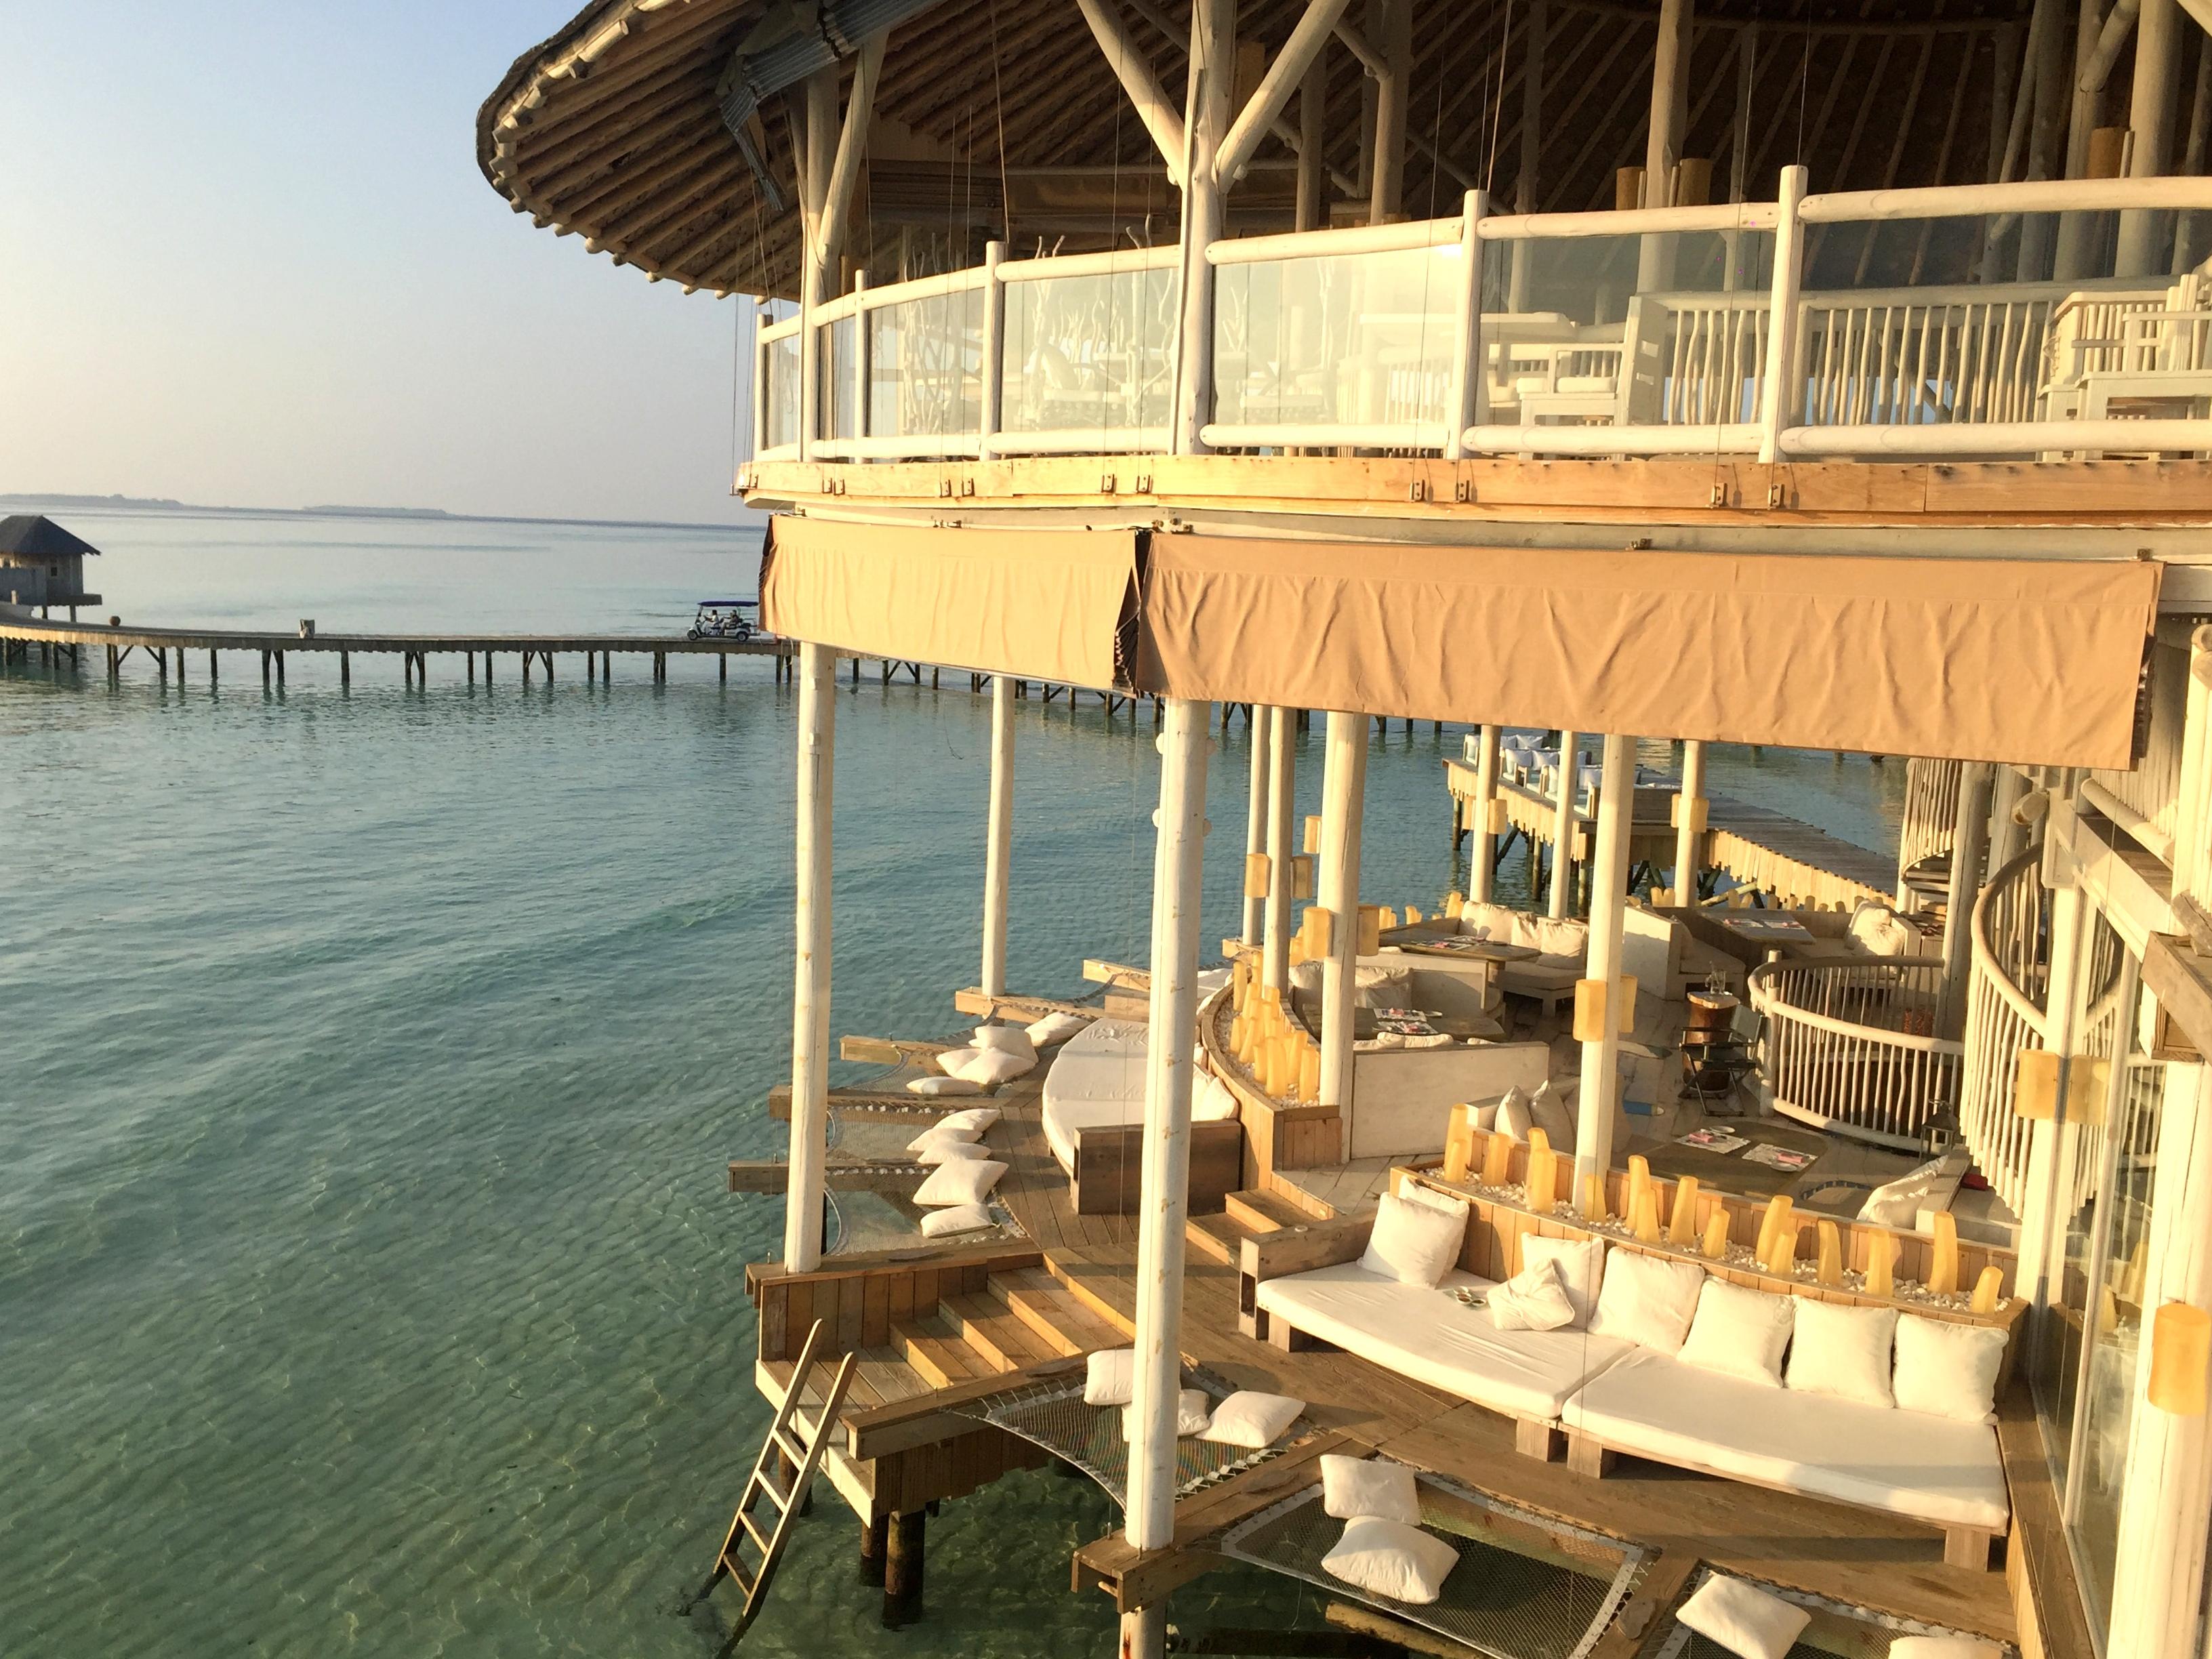 TUI-Berlin-Reisebüro-Malediven-Soneva-Jani-Restaurant1